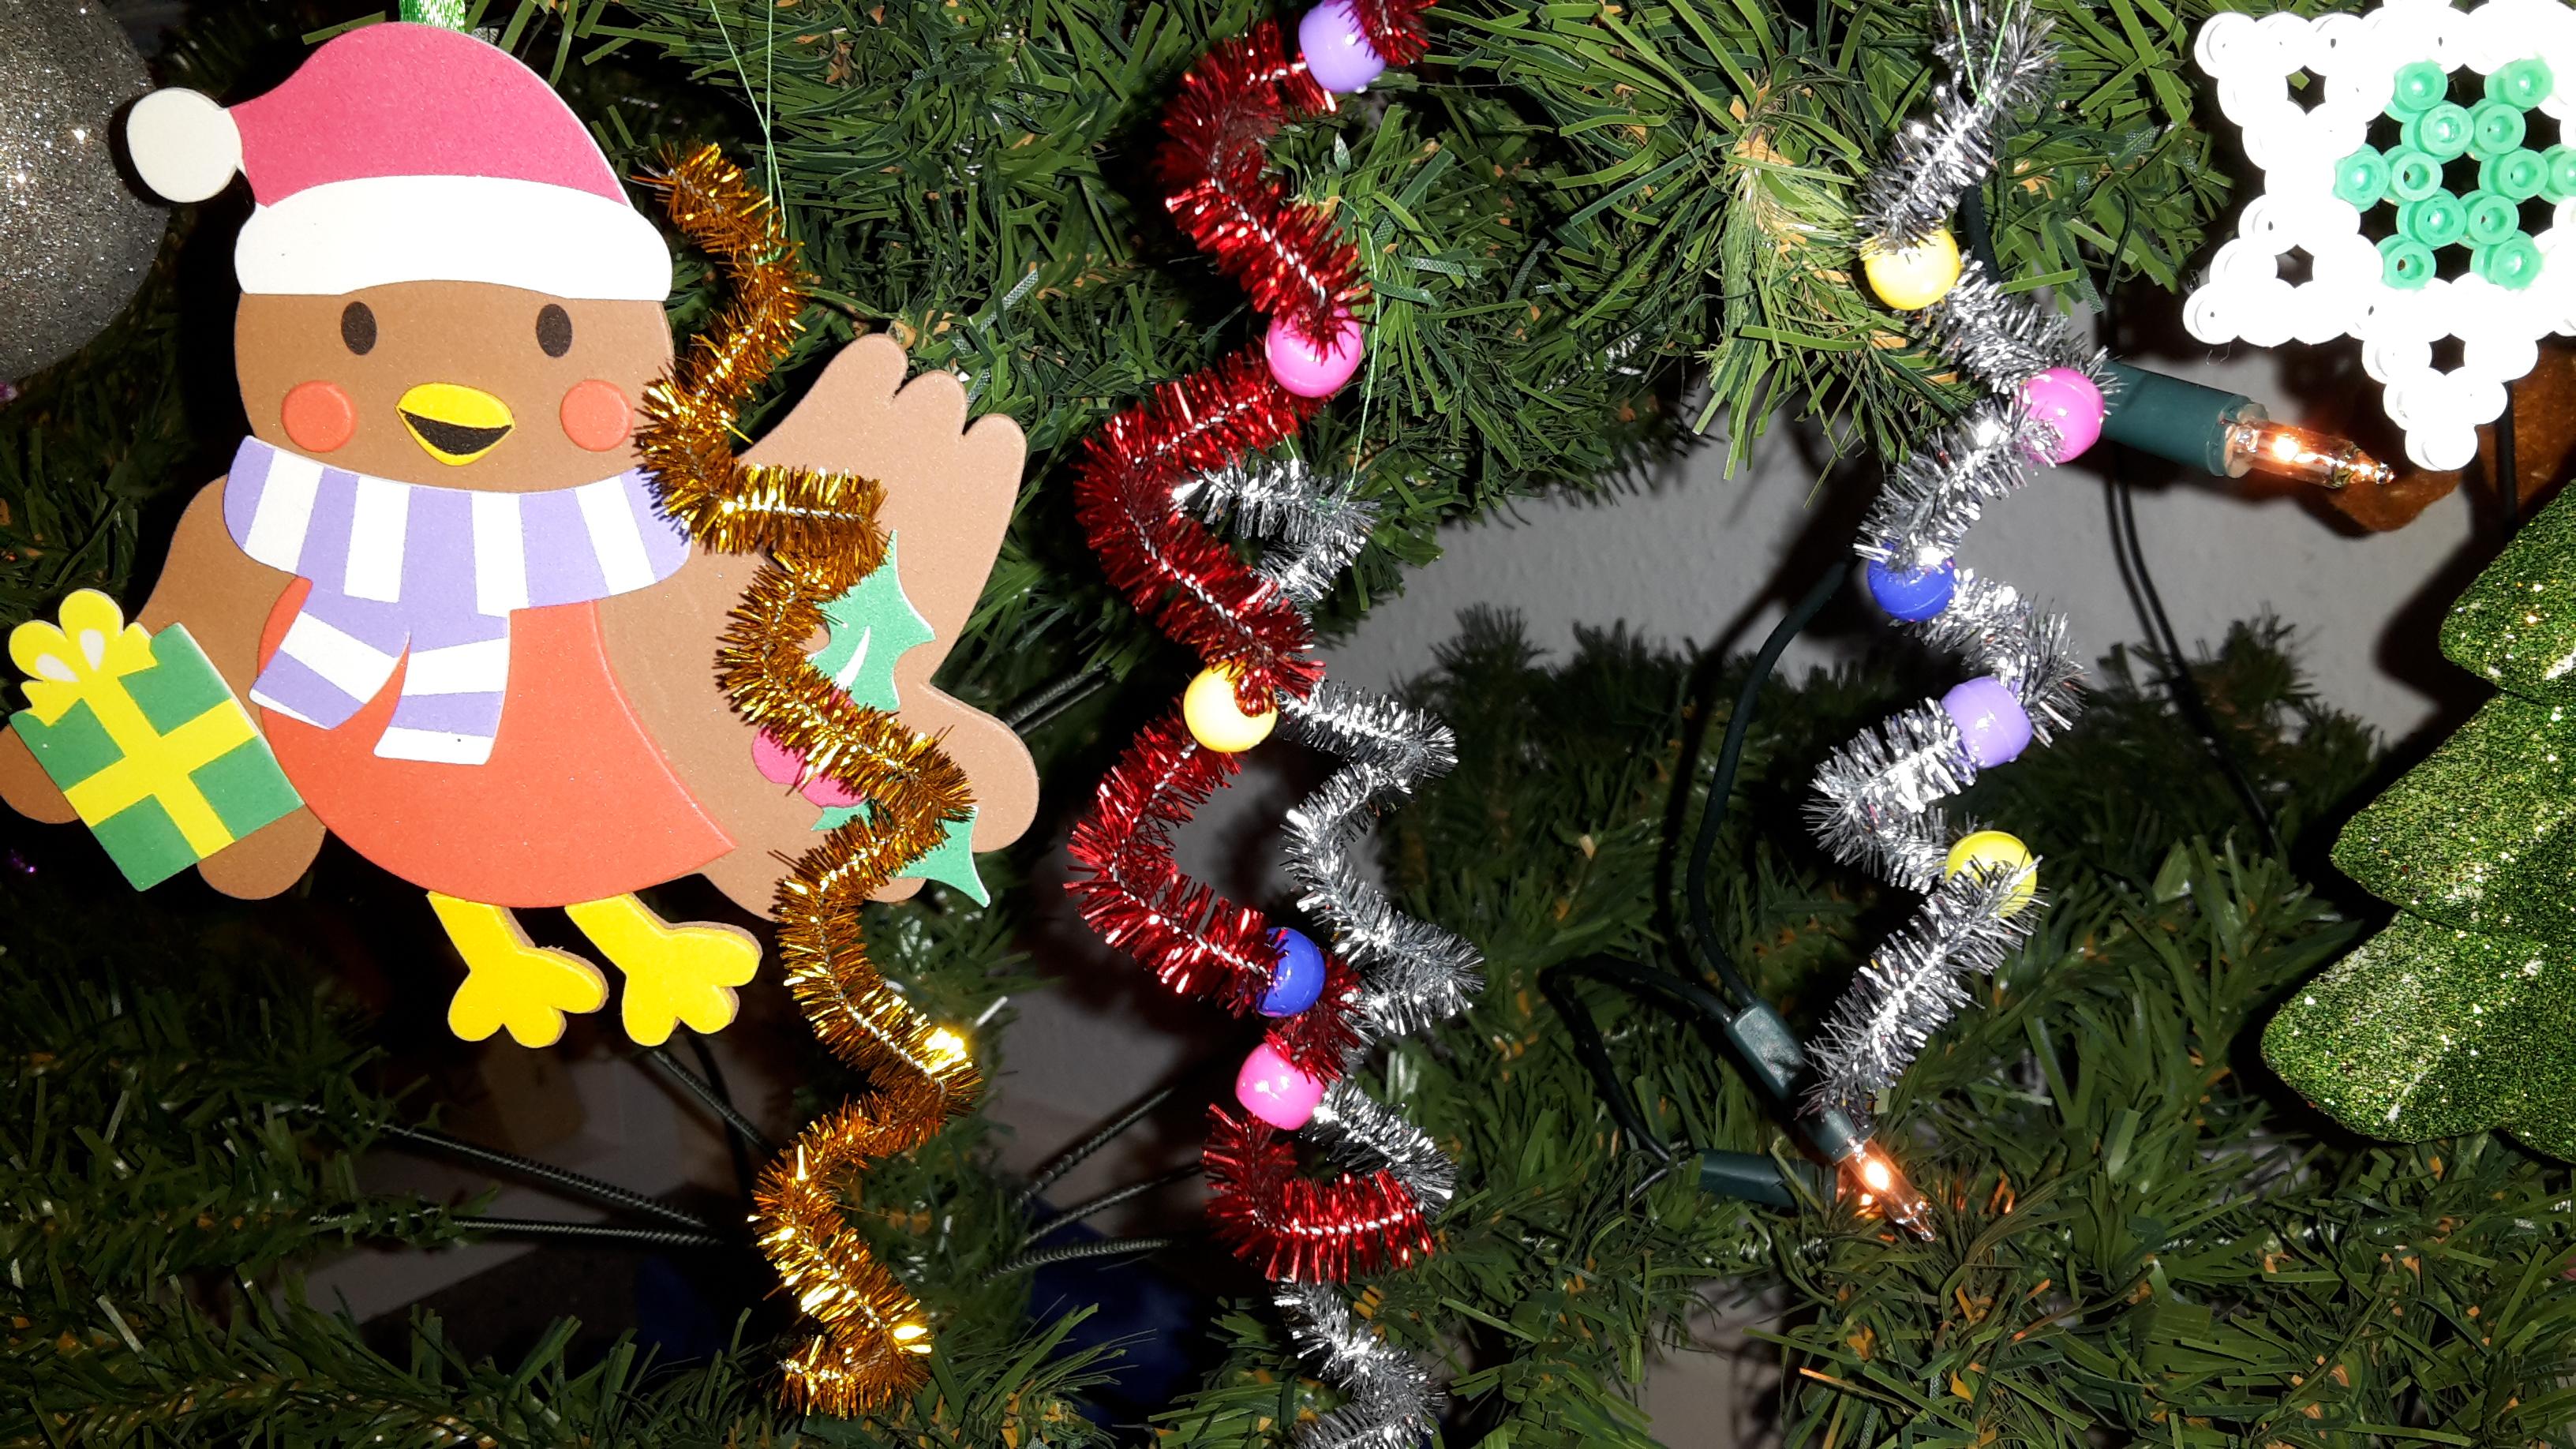 Wir schmücken den Weihnachtsbaum Teil III 2016